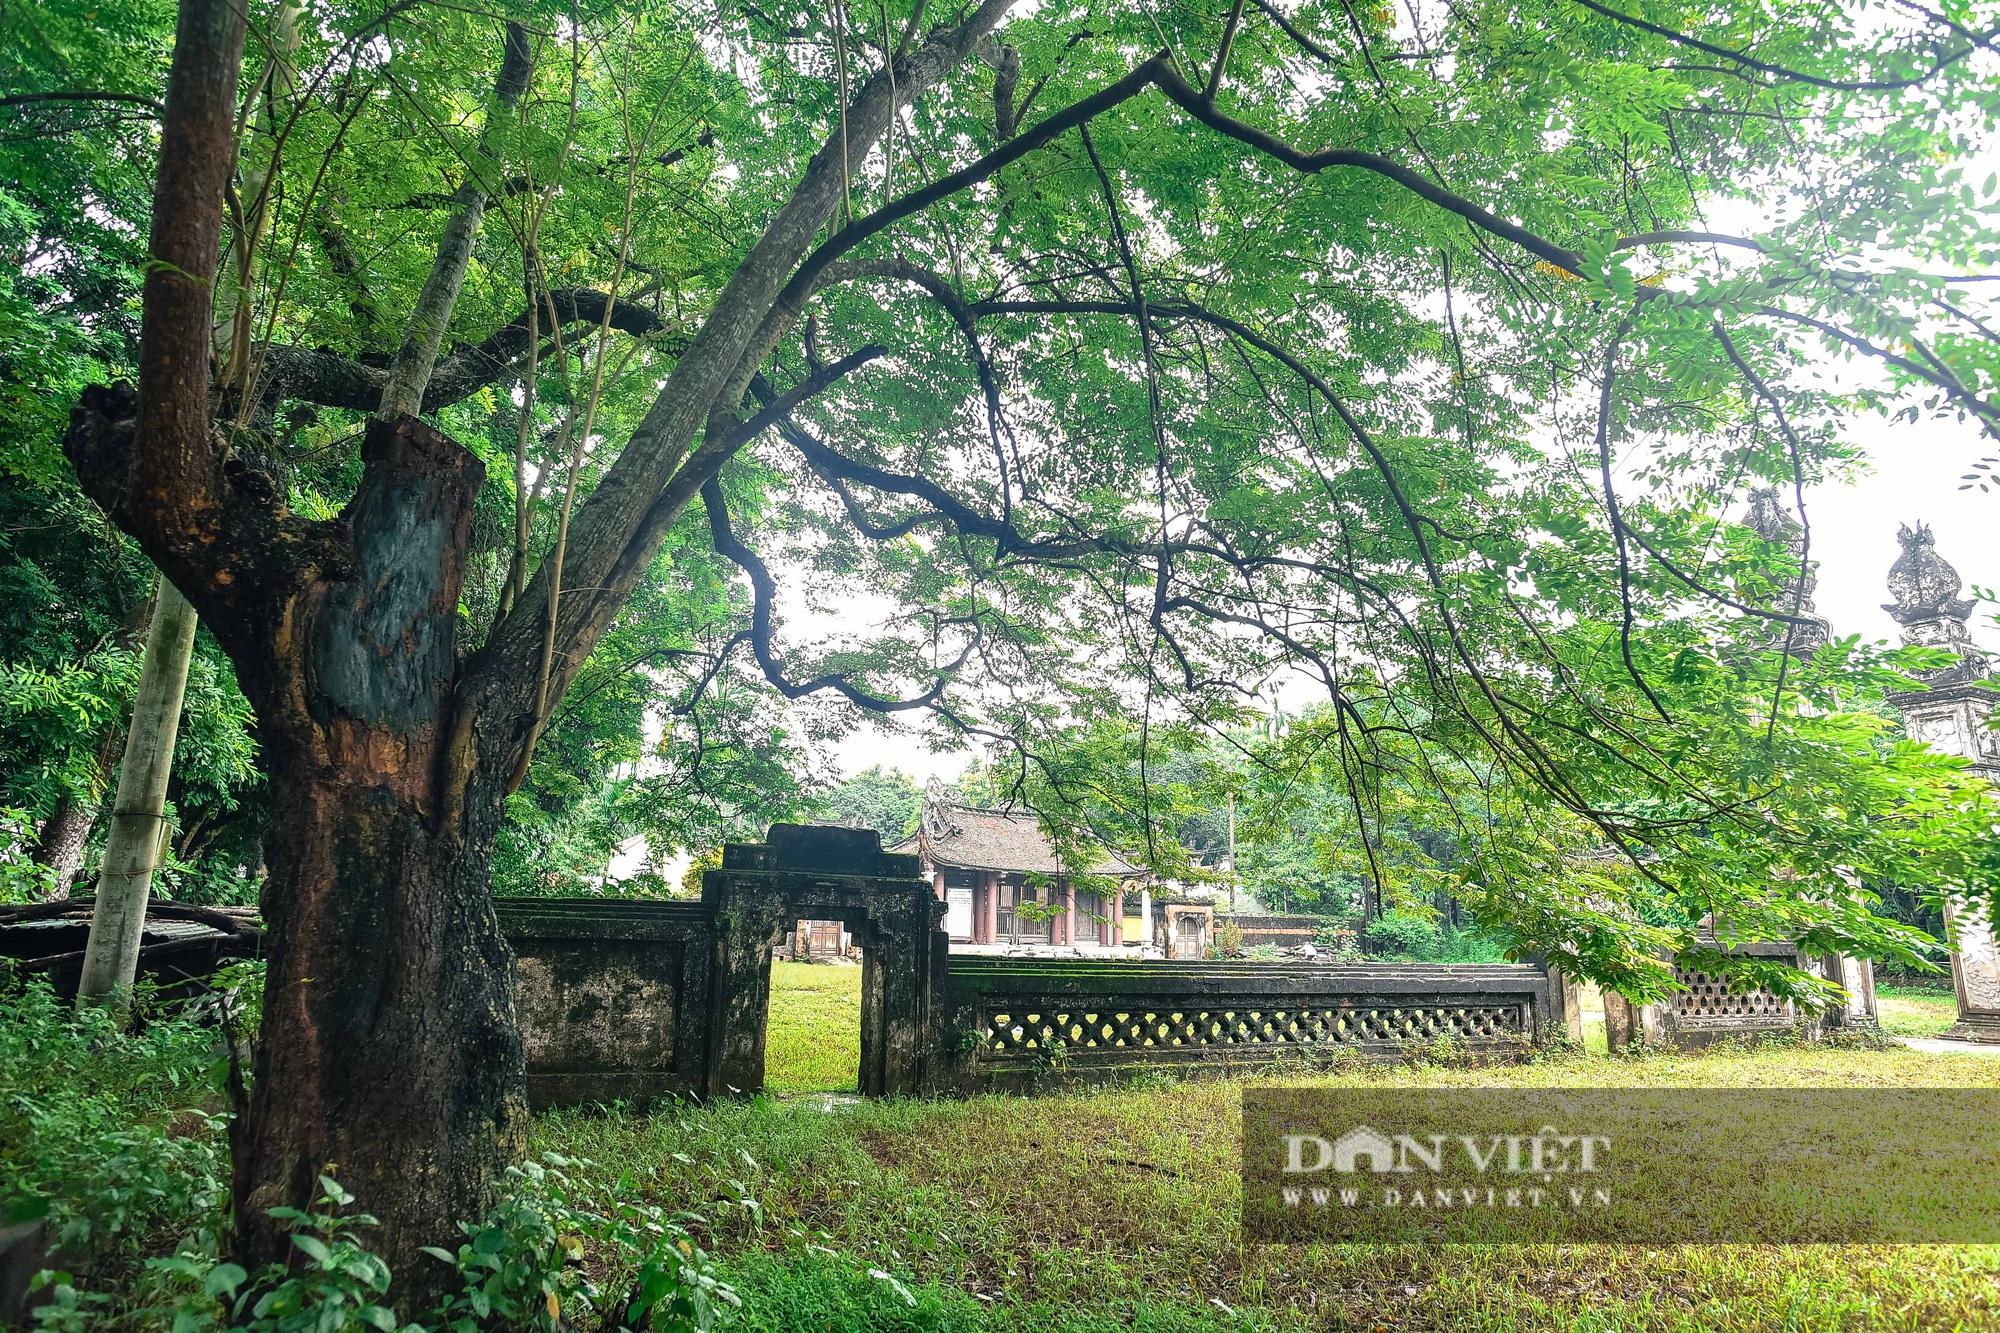 Chiêm ngưỡng cây sưa trăm tuổi ở Hà Nội, trả 60 tỷ đồng không bán